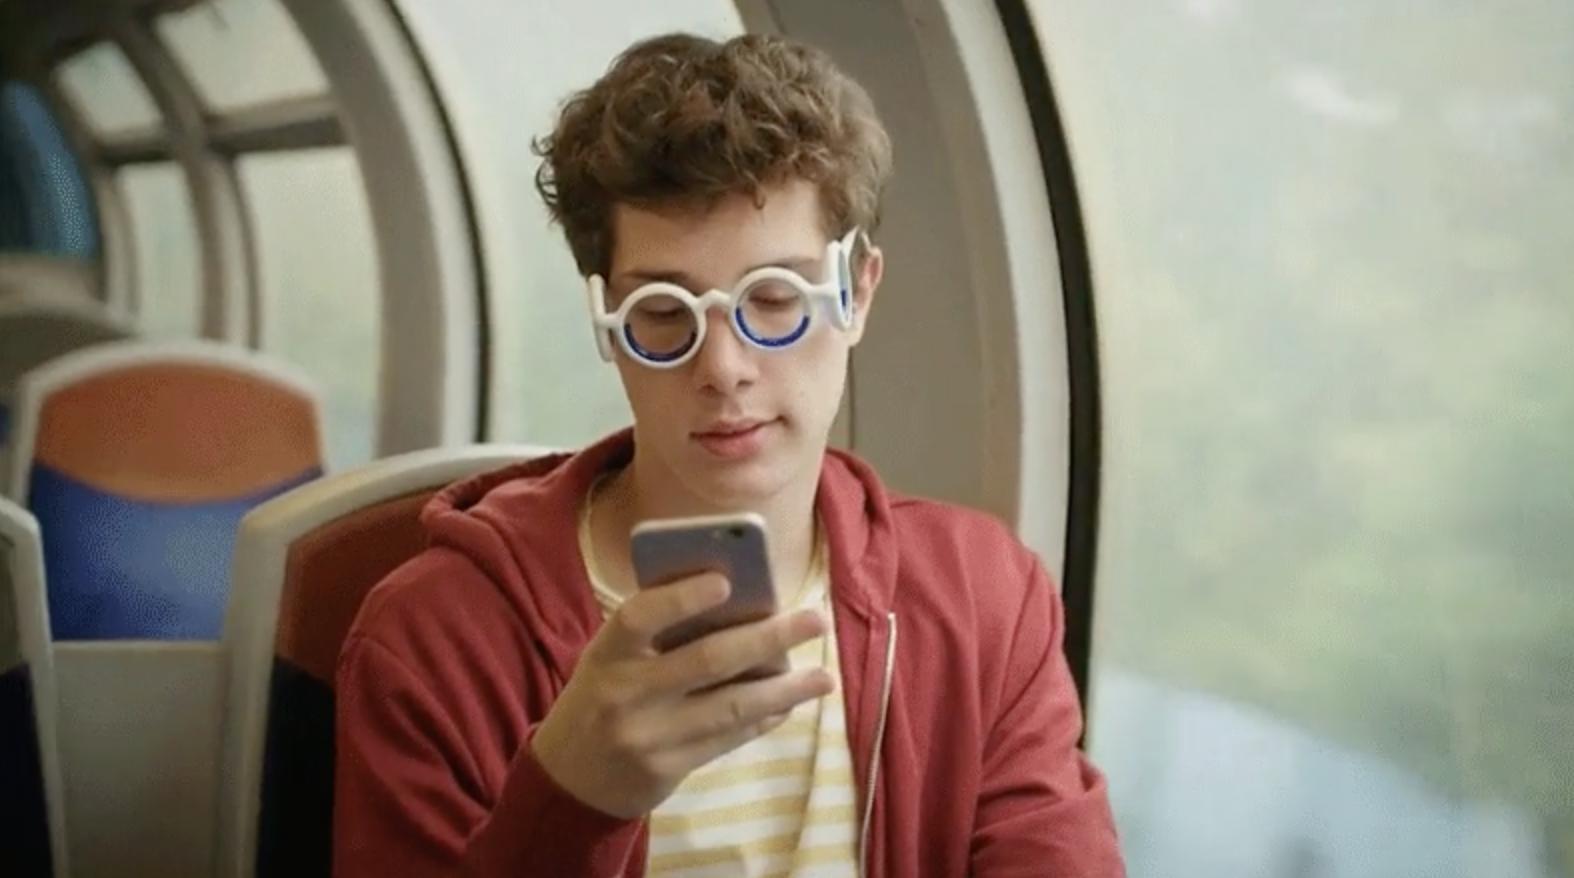 عینکهای جدید سیتروئن، حالت تهوع ناشی از سفر را از بین میبرند